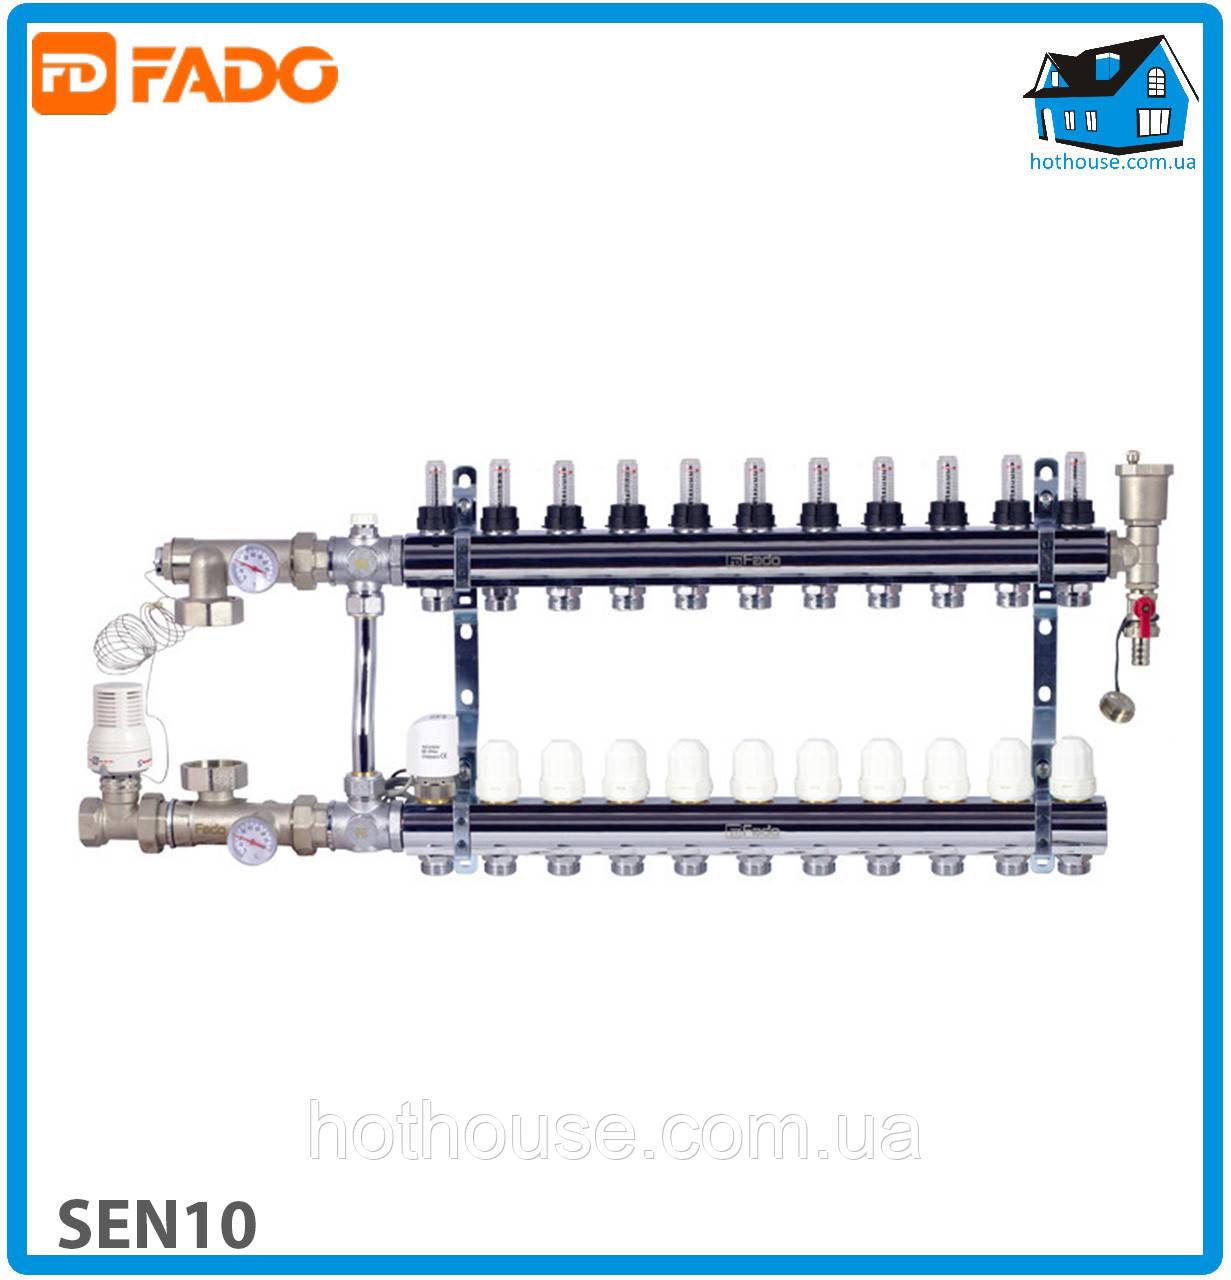 Комплект для подключения системы теплый пол FADO SEN10 FLOOR 10 выходов